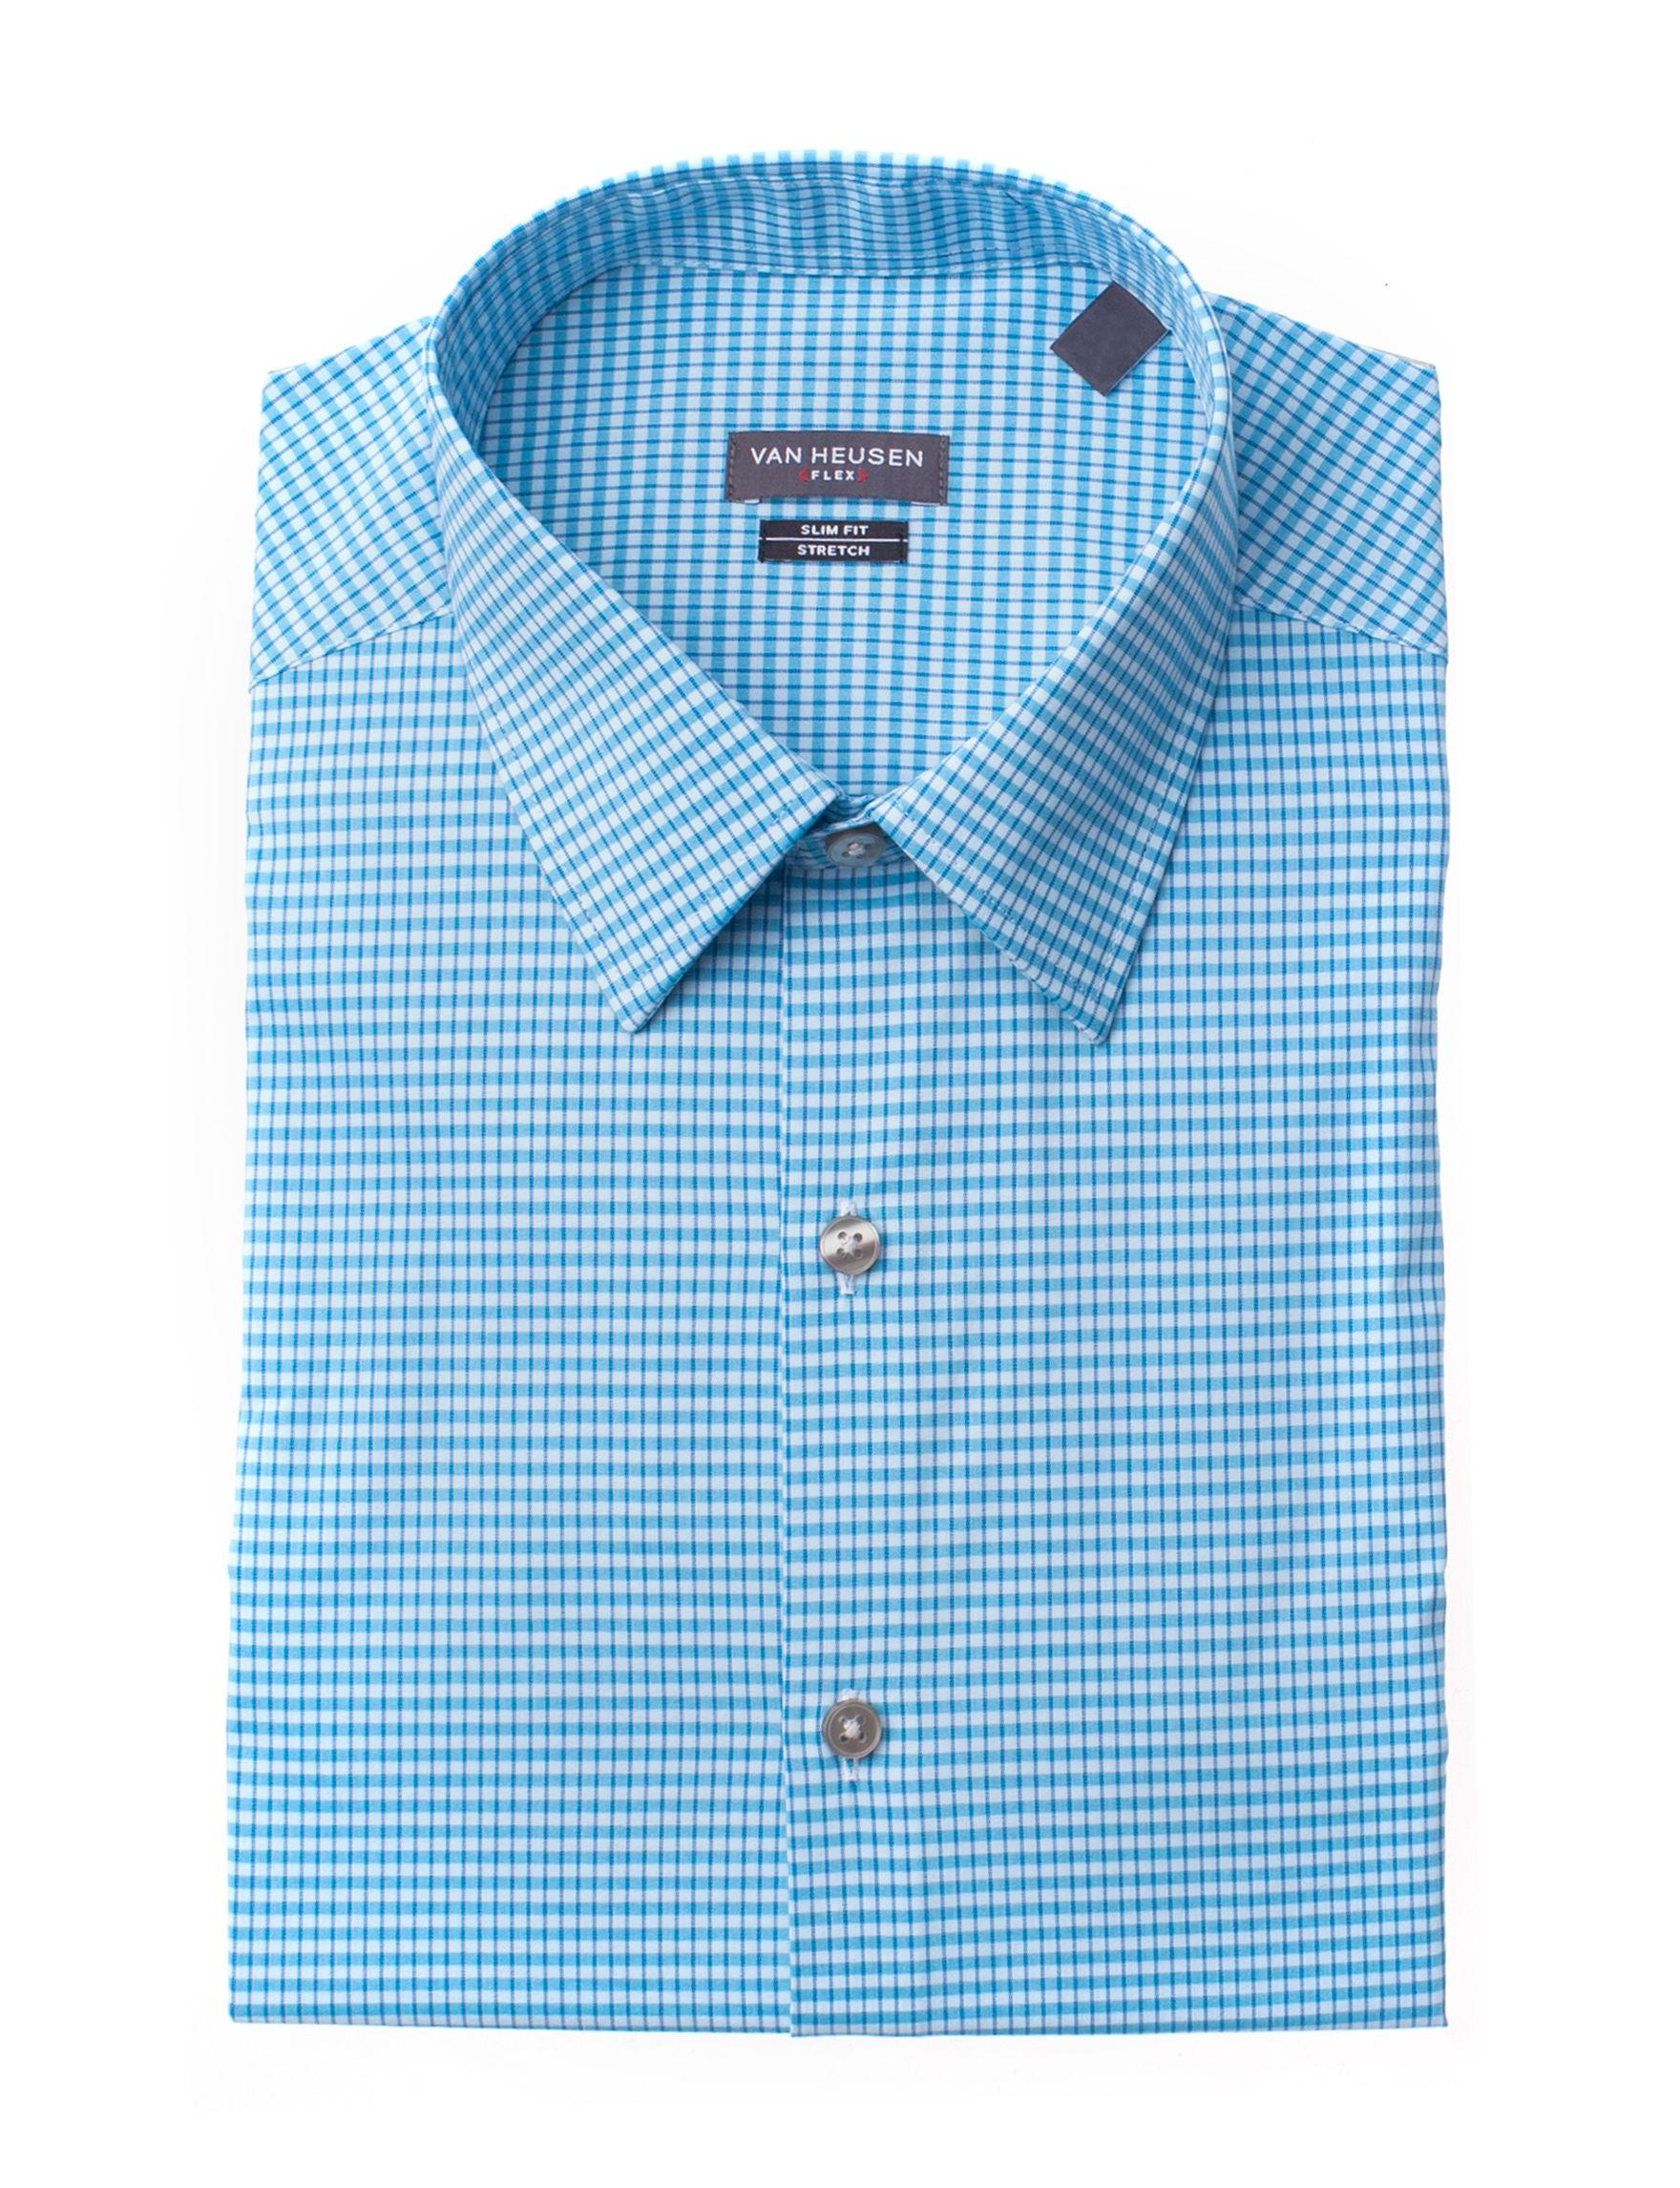 Van Heusen Aqua Plaid Dress Shirts